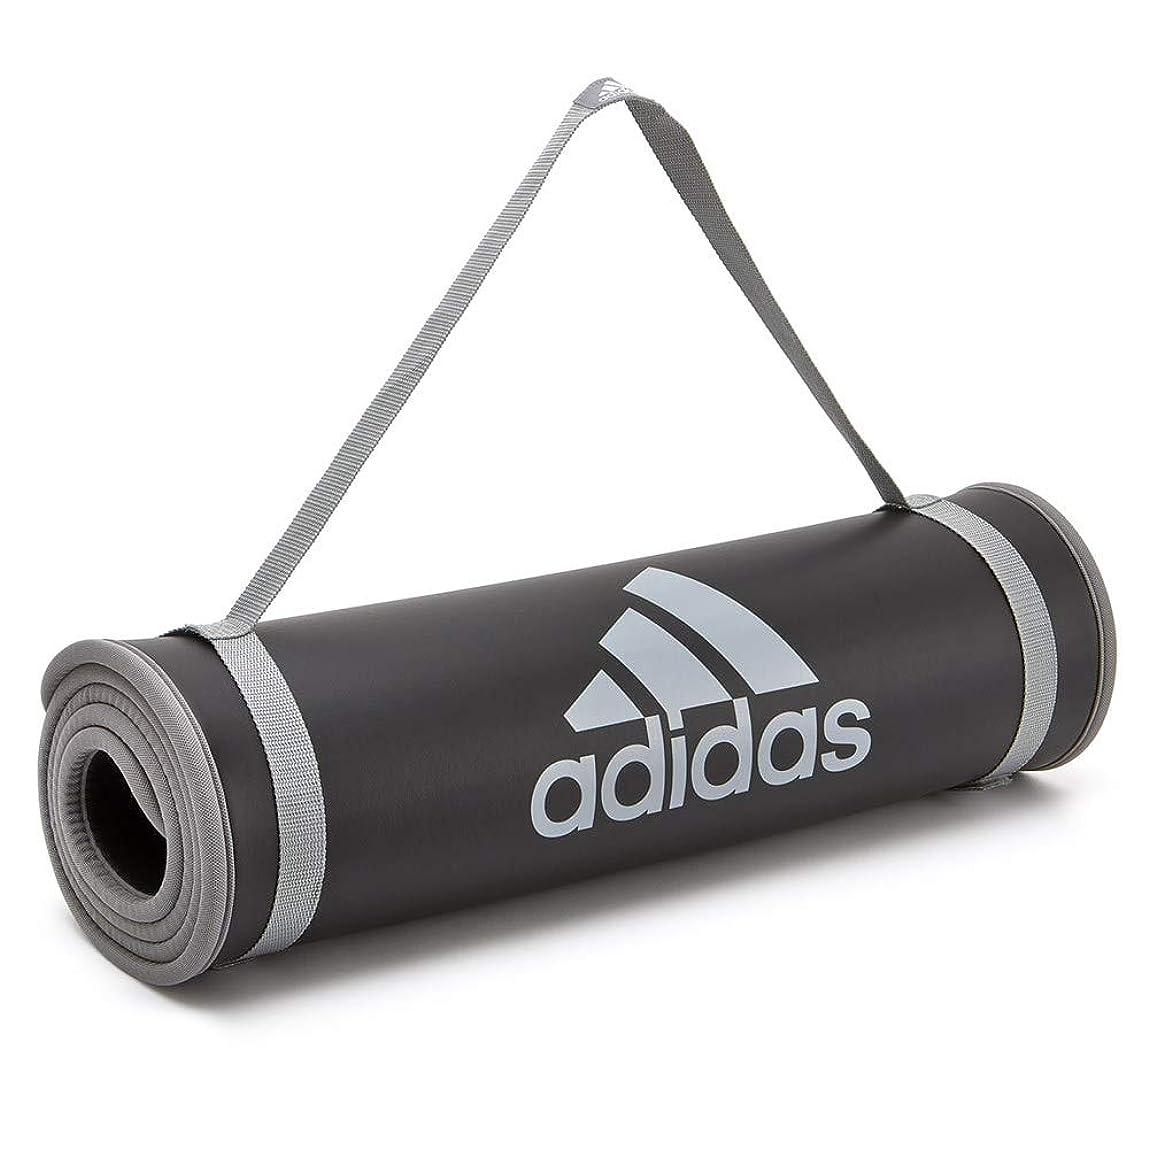 明確な教える約設定adidas(アディダス)ヨガ&ストレッチ トレーニング用マット フィットネス ヨガ ピラティス エクササイズ